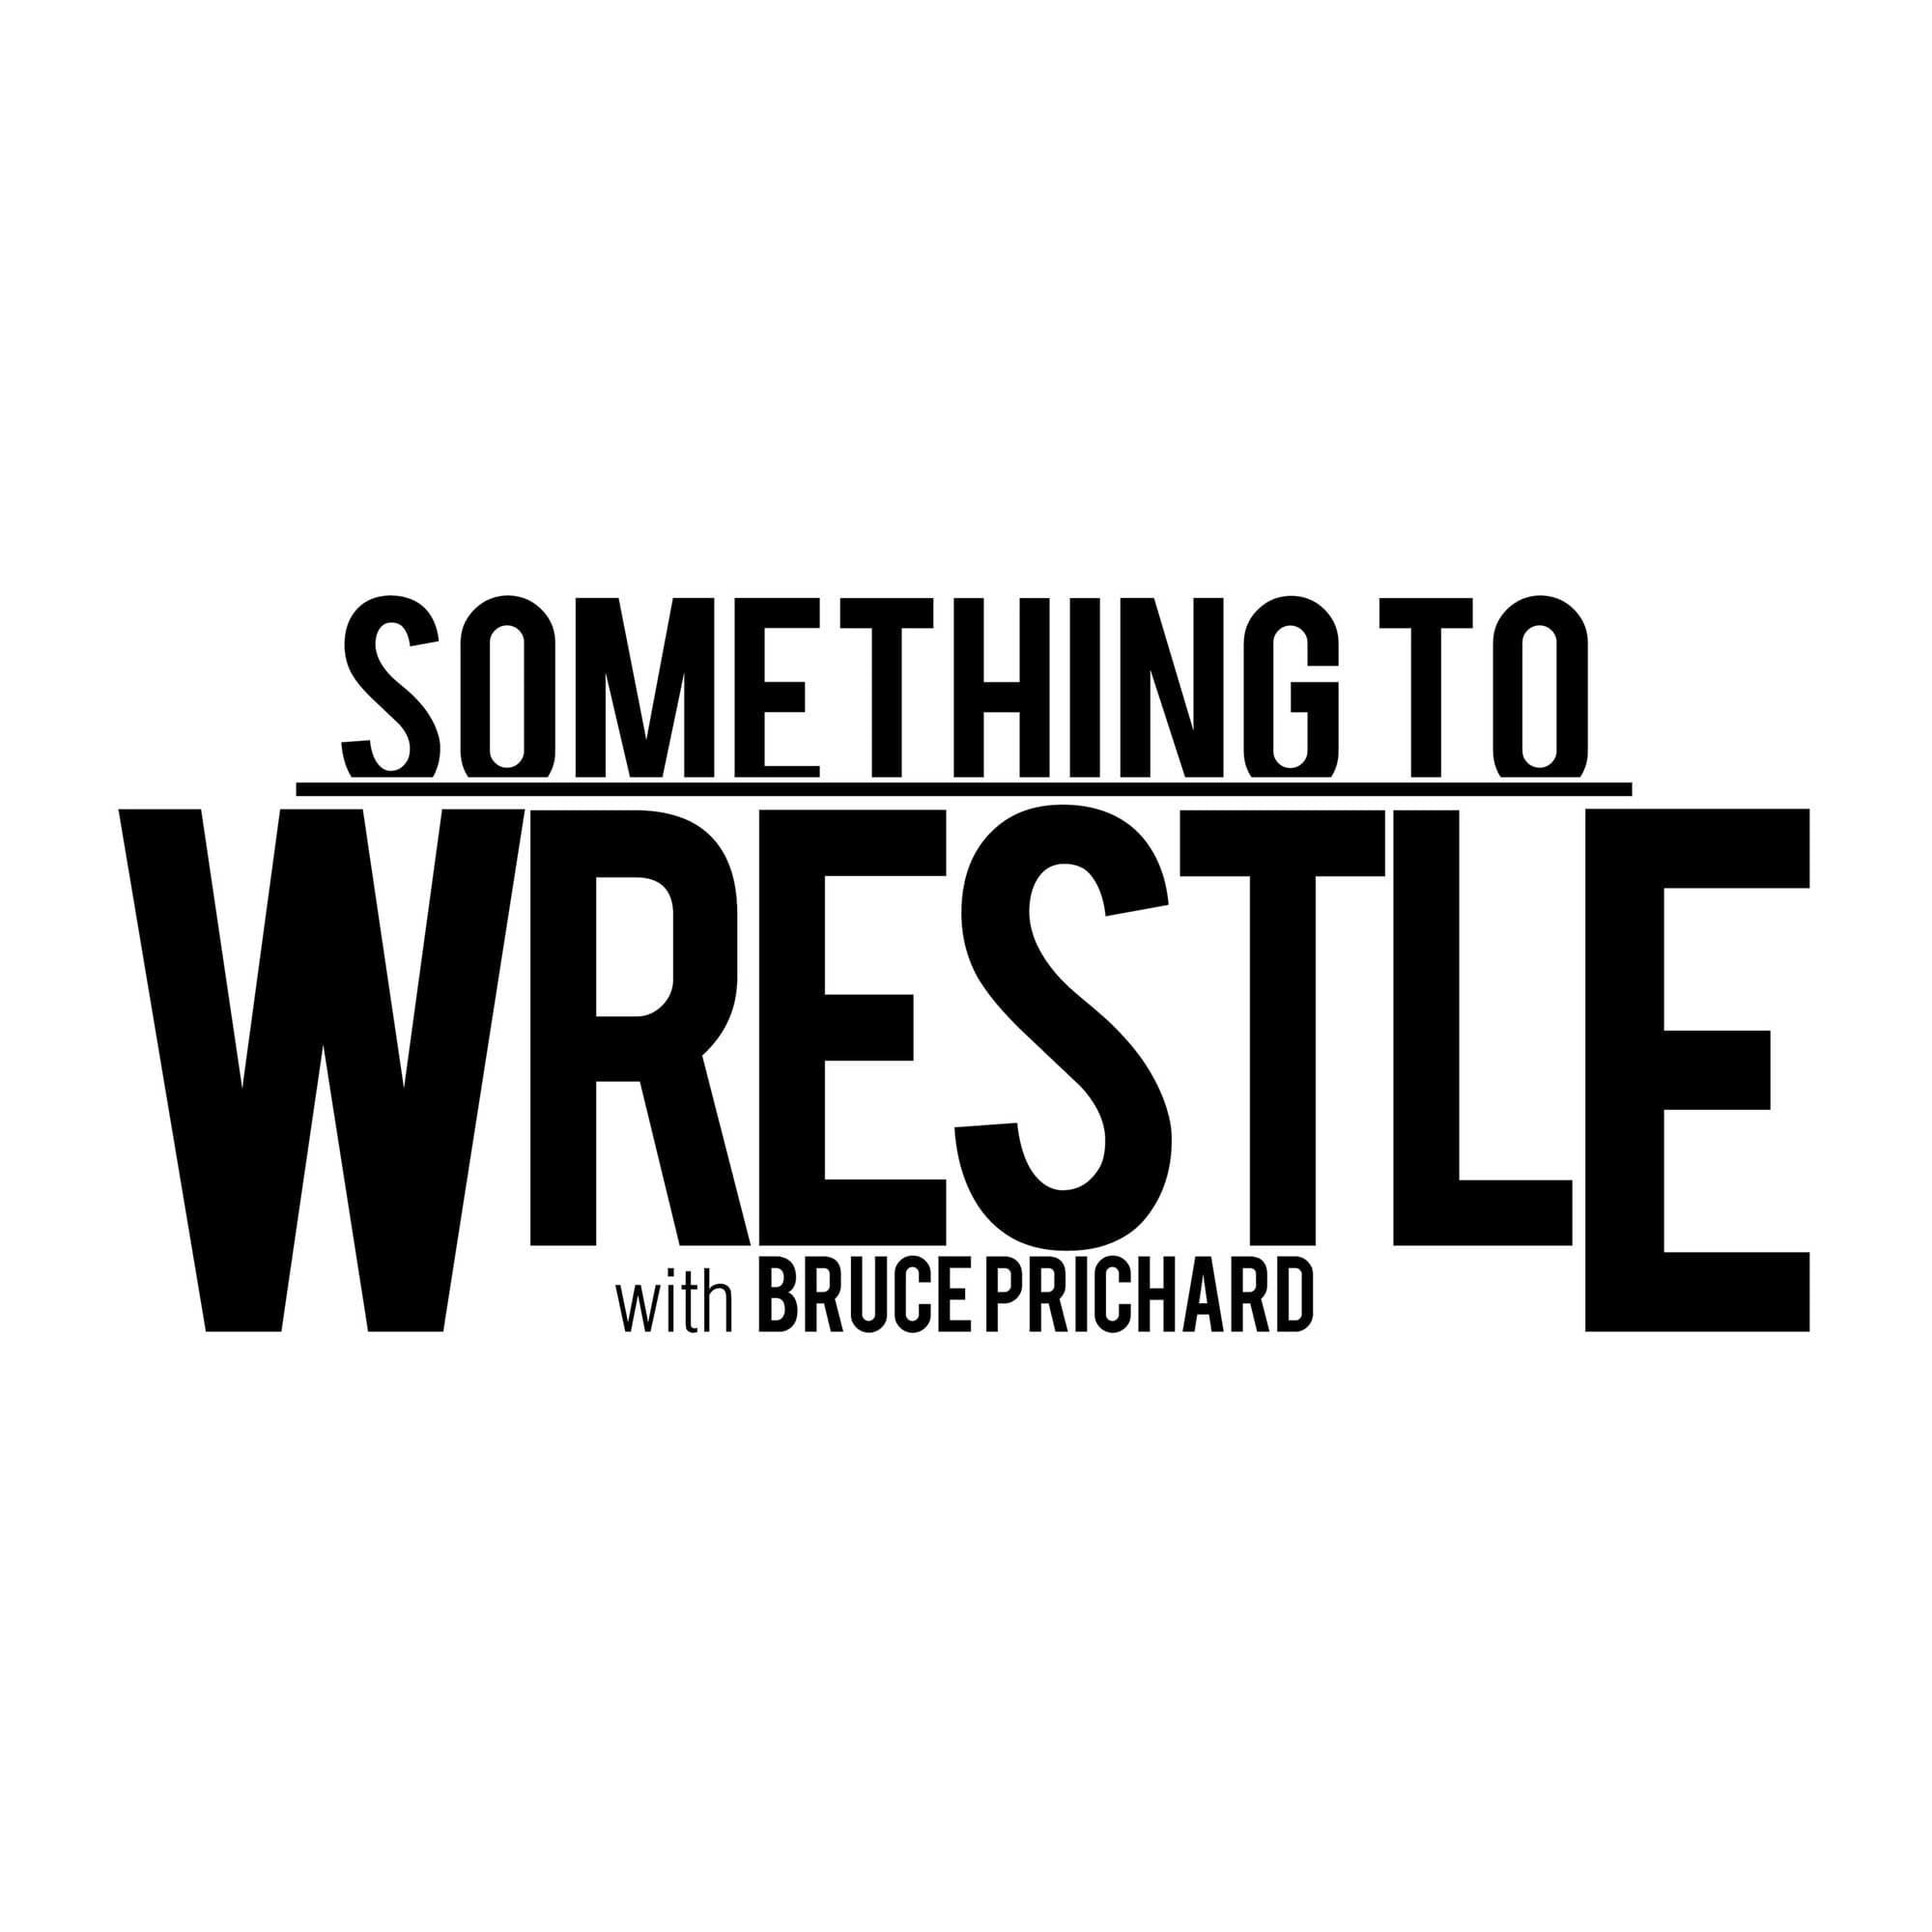 Something to Wrestle